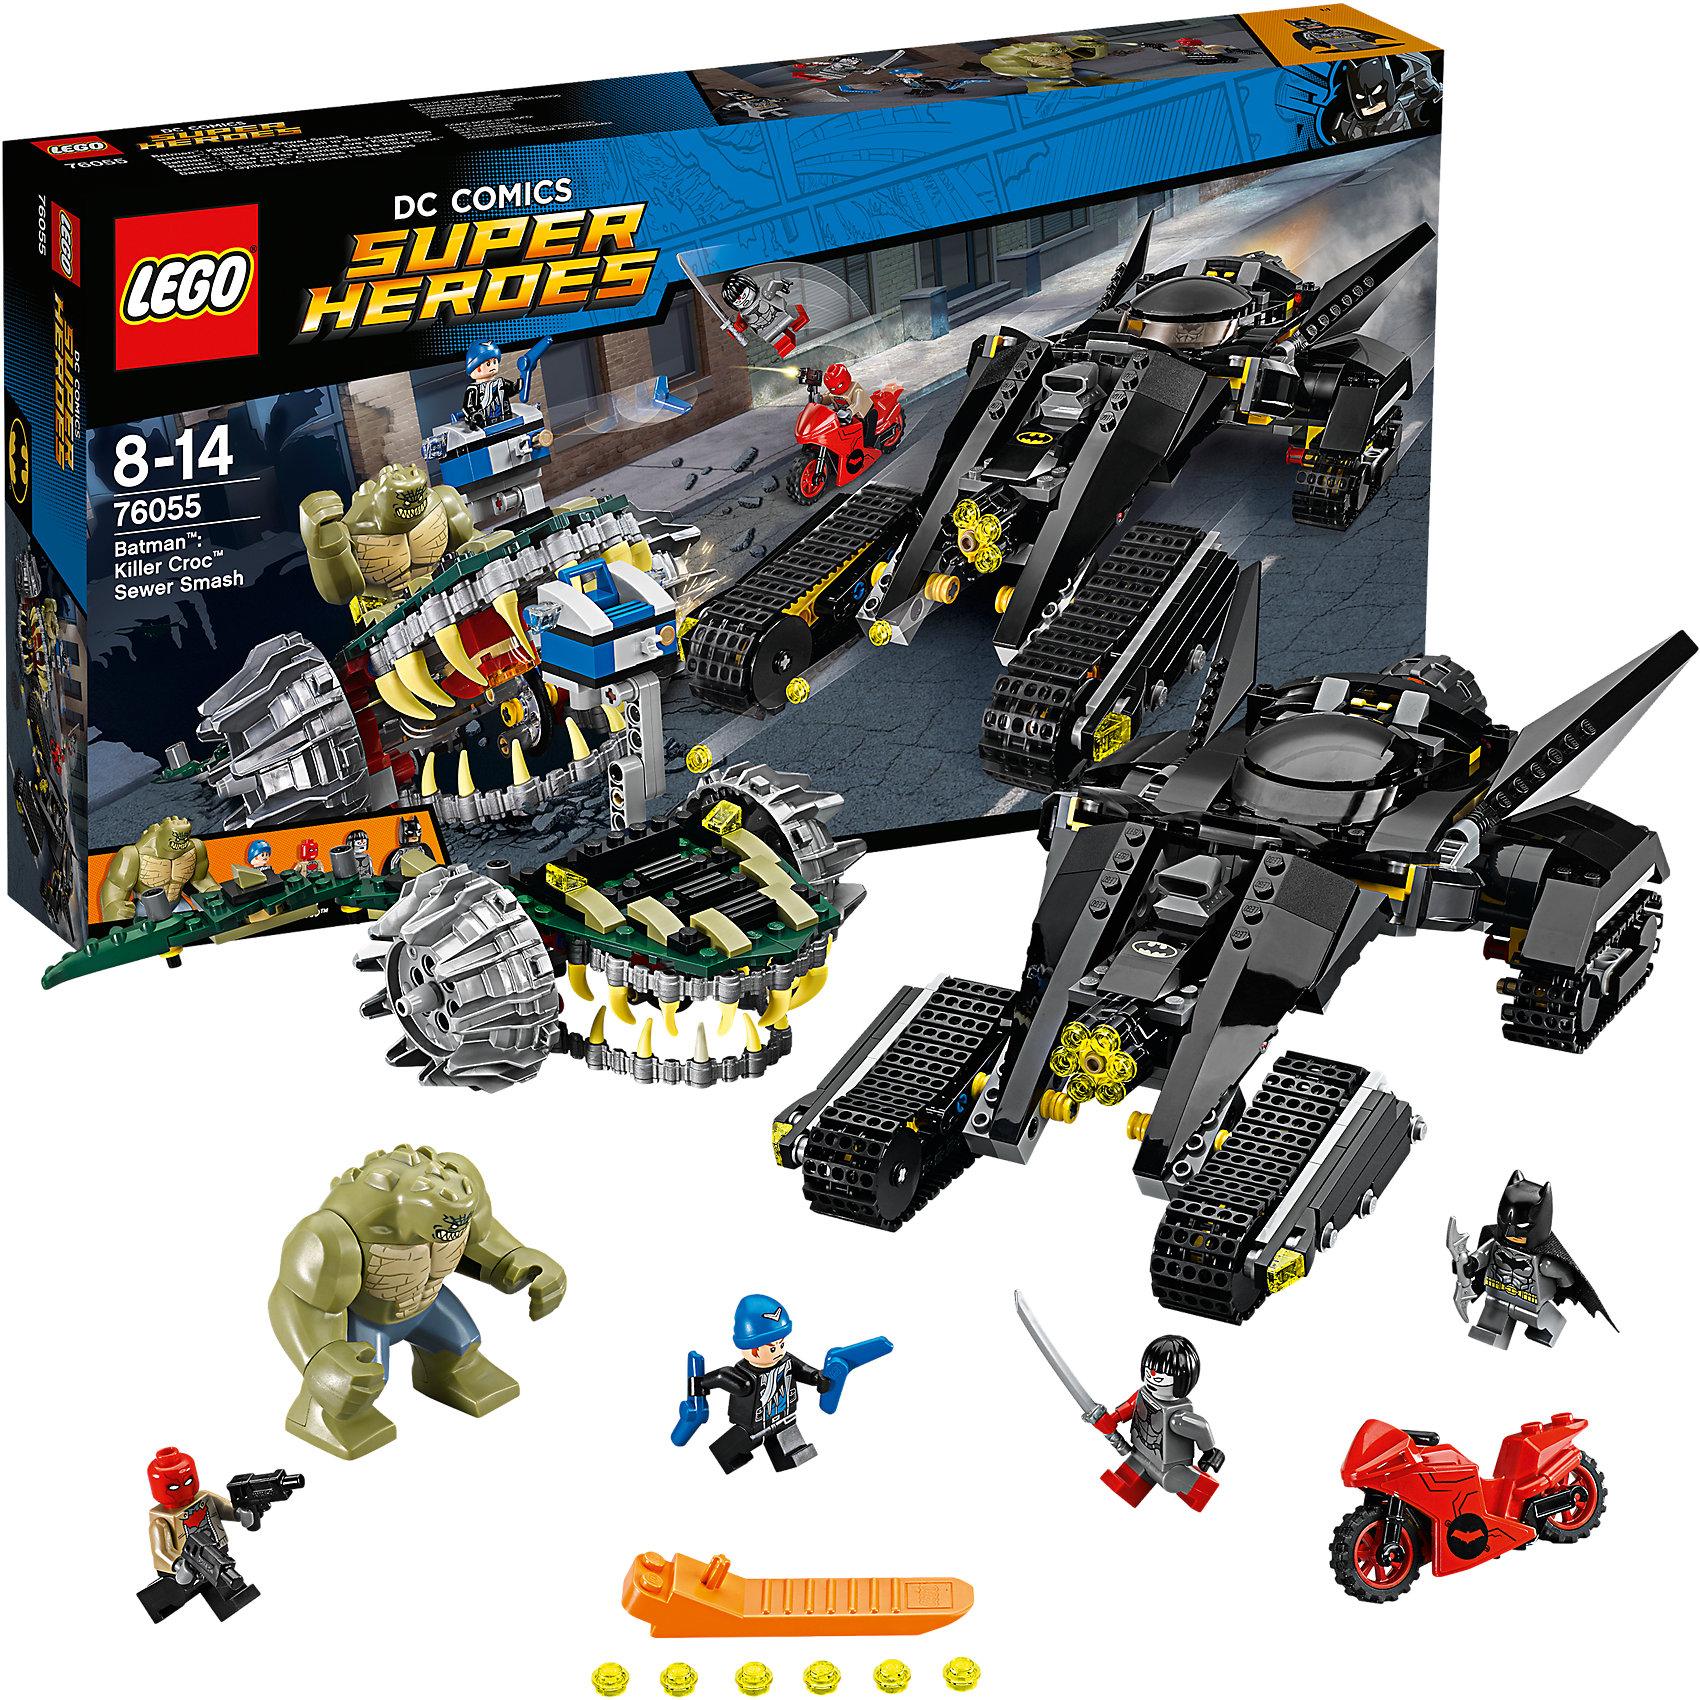 LEGO Super Heroes 76055: Бэтмен: убийца КрокБэтмена обожает множество современных мальчишек, поэтому набор Лего, из которого можно собрать разные сюжеты про его подвиги, обязательно порадует ребенка. Такие игрушки помогают детям развивать воображение, мелкую моторику, логику и творческое мышление.<br>Набор состоит из множества деталей, с помощью которых можно  собрать транспорт для супергероя, а также в нем есть фигурки любимых персонажей! С таким комплектом можно придумать множество игр!<br><br>Дополнительная информация:<br><br>цвет: разноцветный;<br>размер коробки: 8 x 54 x 28 см;<br>вес: 1000 г;<br>материал: пластик;<br>количество деталей: 759.<br><br>Набор Бэтмен: убийца Крок от бренда LEGO Super Heroes можно купить в нашем магазине.<br><br>Ширина мм: 538<br>Глубина мм: 281<br>Высота мм: 81<br>Вес г: 1103<br>Возраст от месяцев: 96<br>Возраст до месяцев: 168<br>Пол: Мужской<br>Возраст: Детский<br>SKU: 4641196